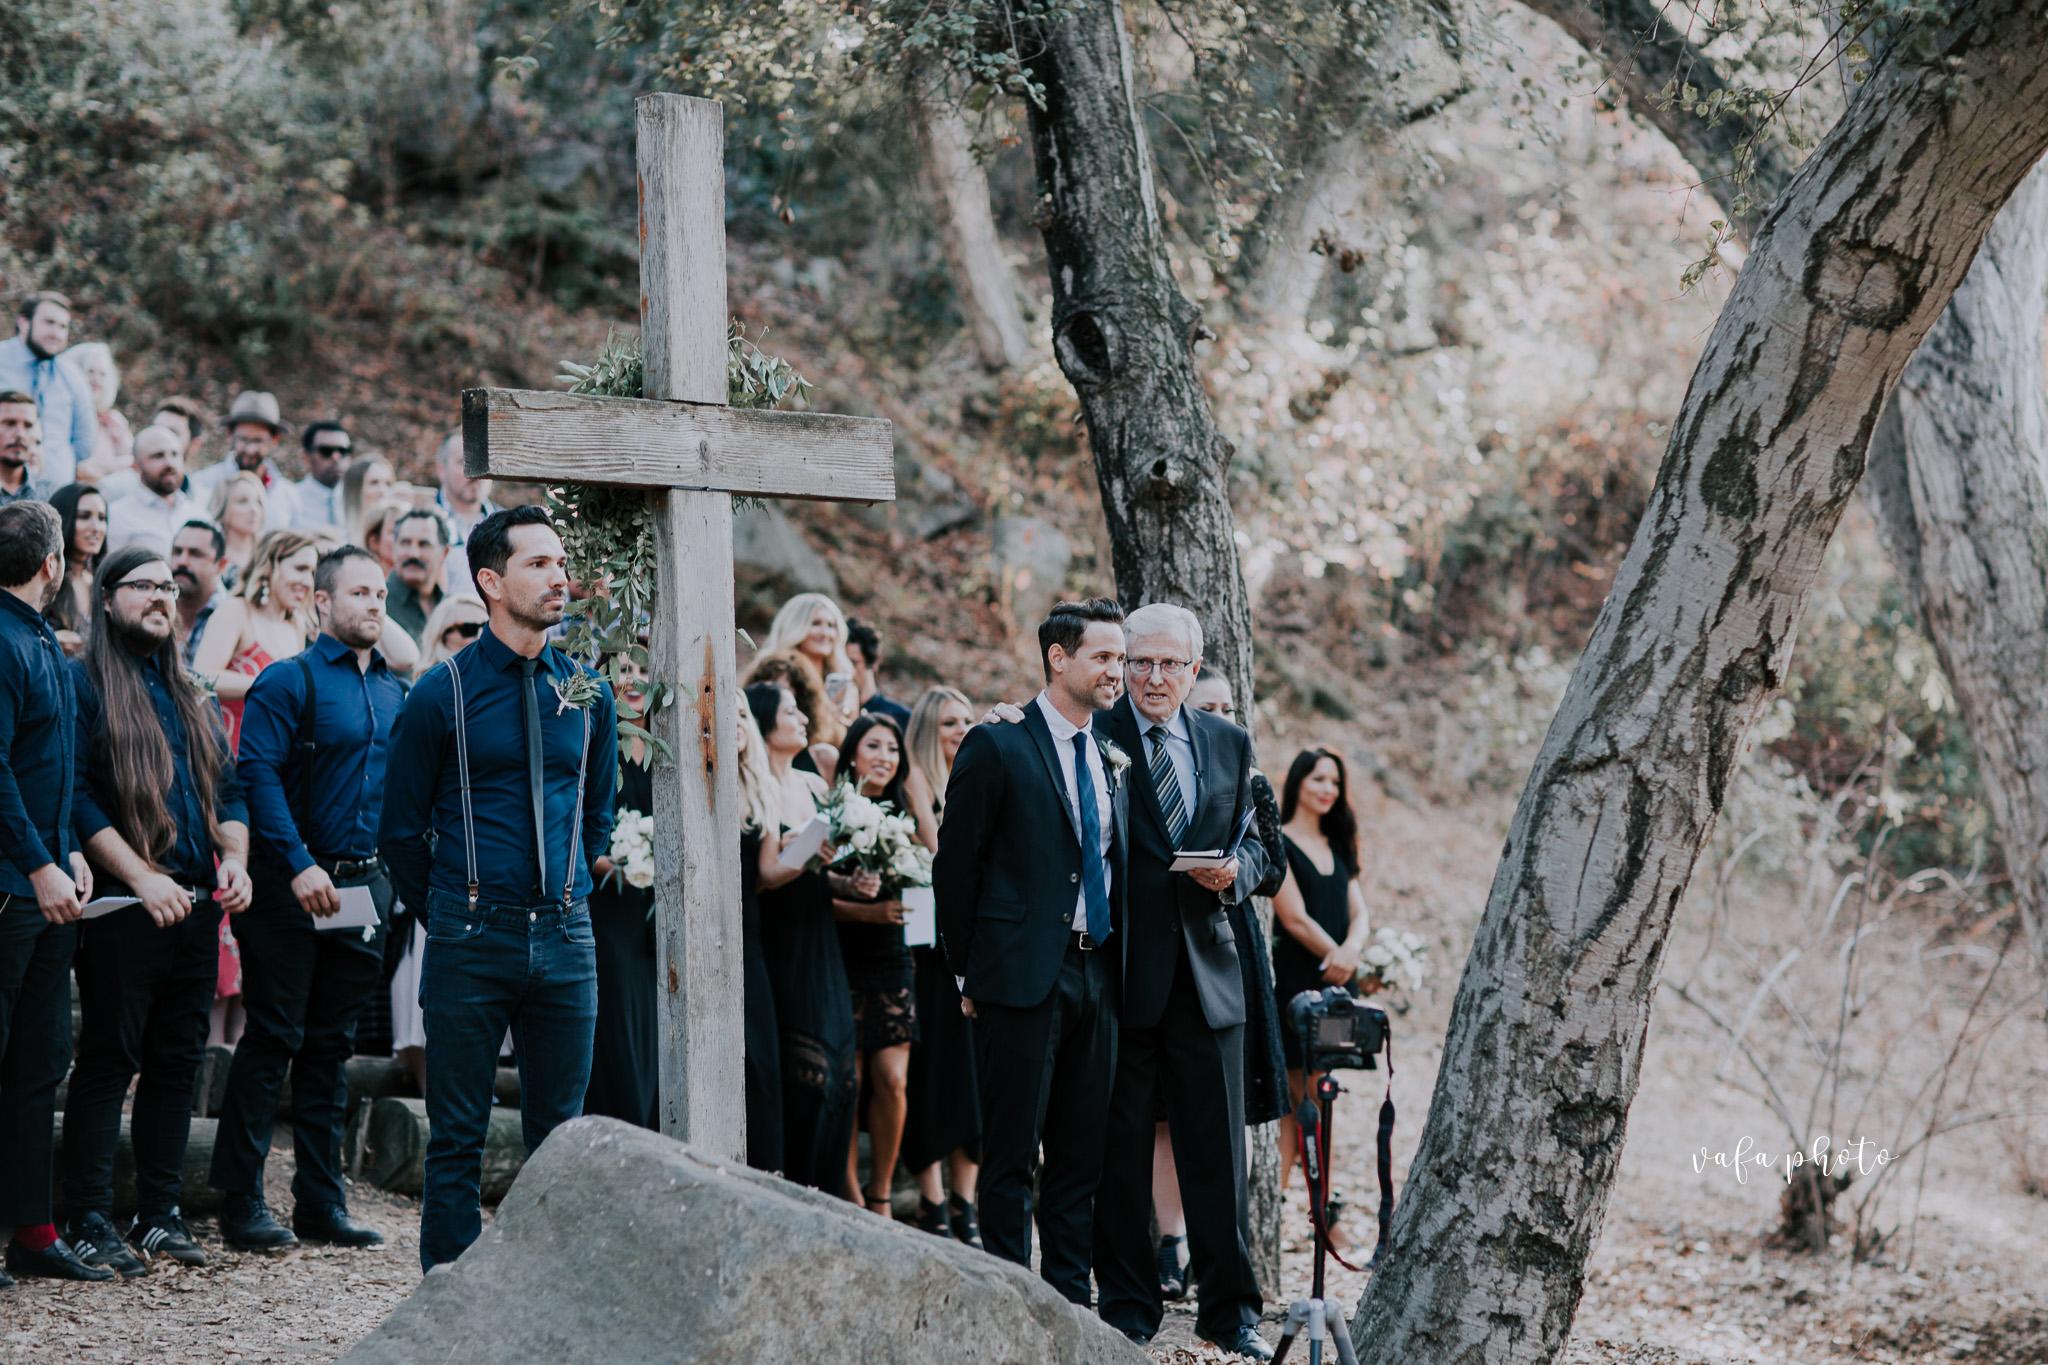 Southern-California-Wedding-Britt-Nilsson-Jeremy-Byrne-Vafa-Photo-403.jpg